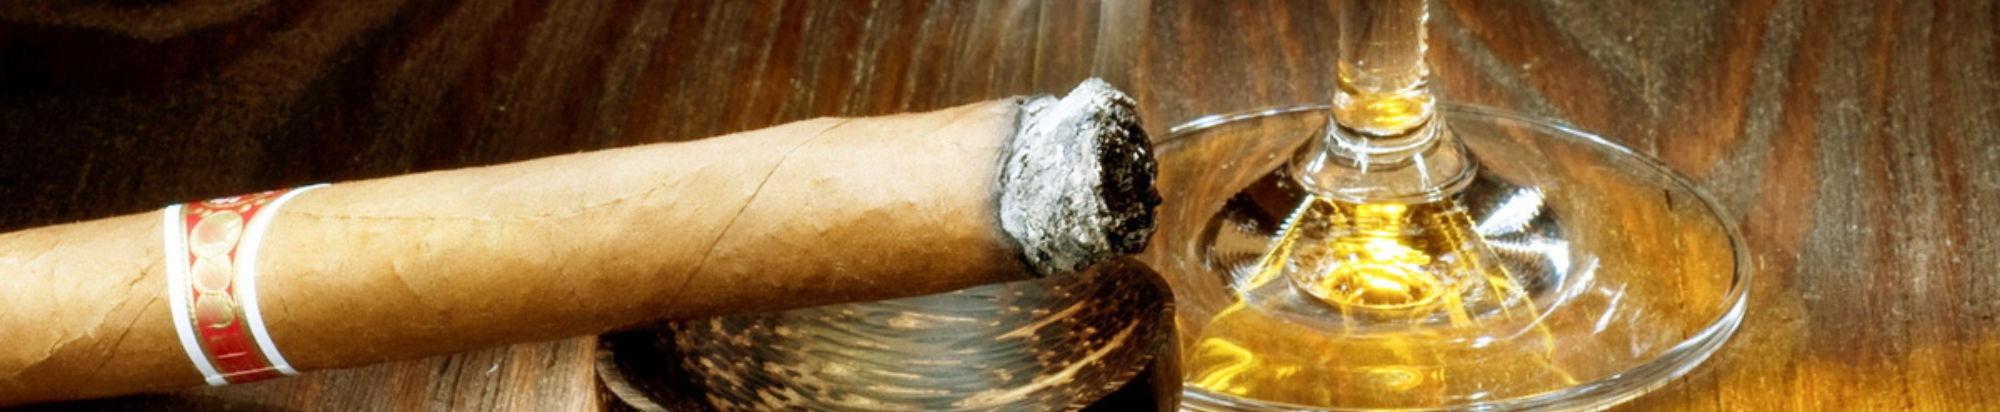 Til Rygeren i Cigar Tilbehør hos The Prince Webshop